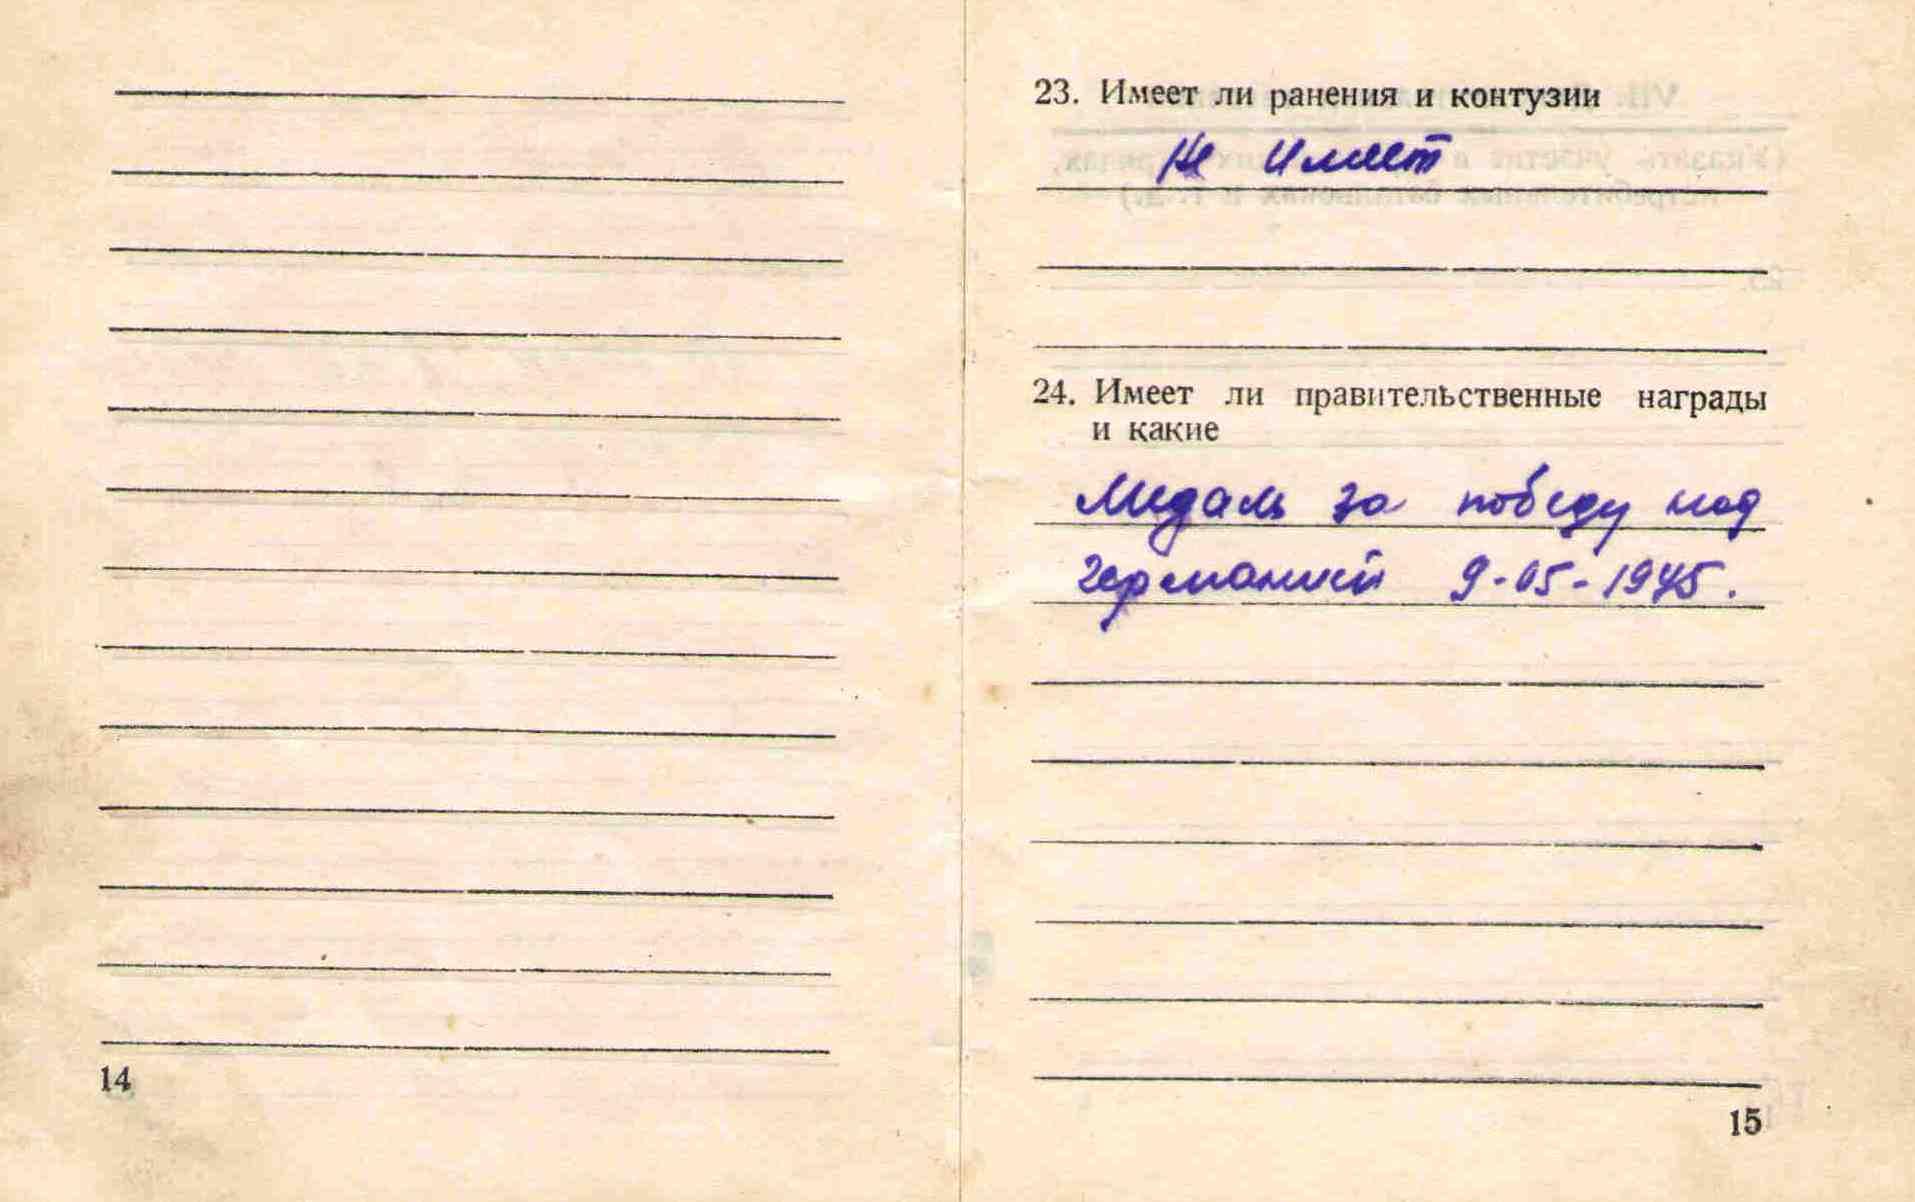 9. Военный билет Барыкина ПП,1948